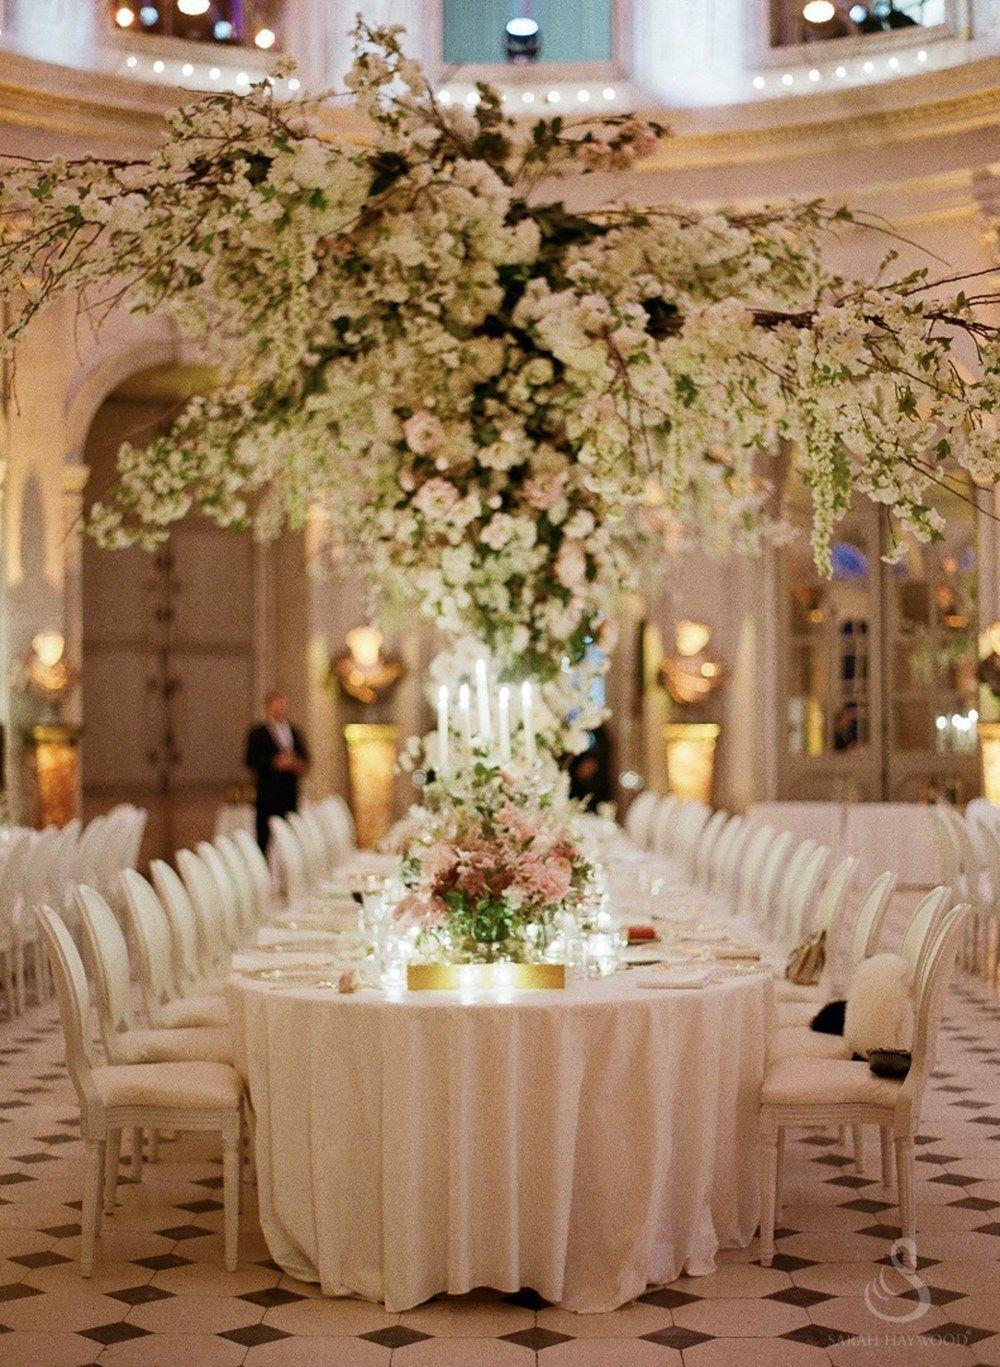 luxury sarah haywood weddings vicomte vaux event le flower finck chateau visit floral discover